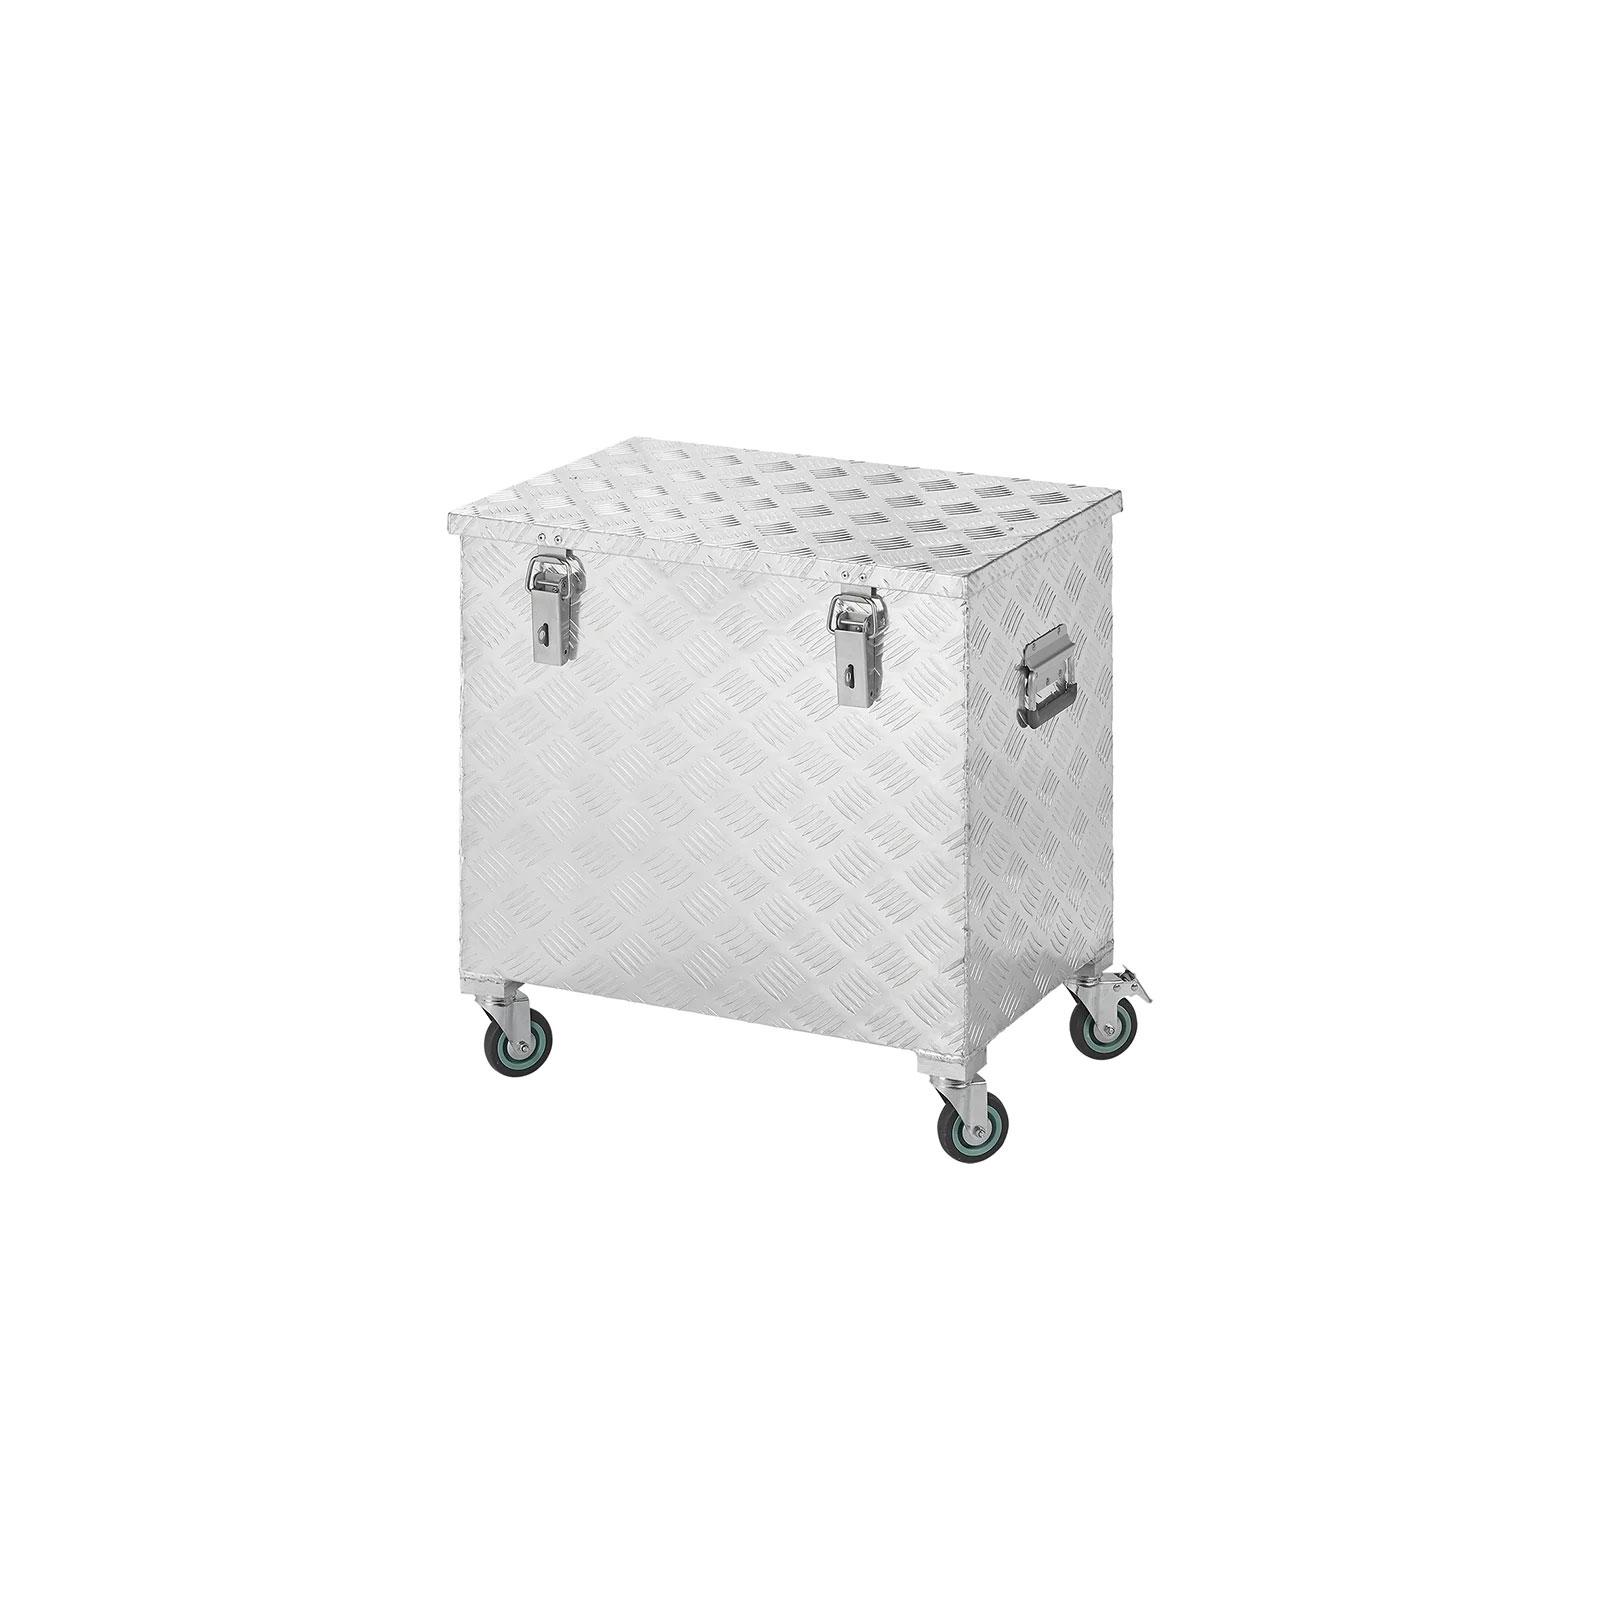 Aufbewahrungsbox Aluminium 622 x 425 x H520mm